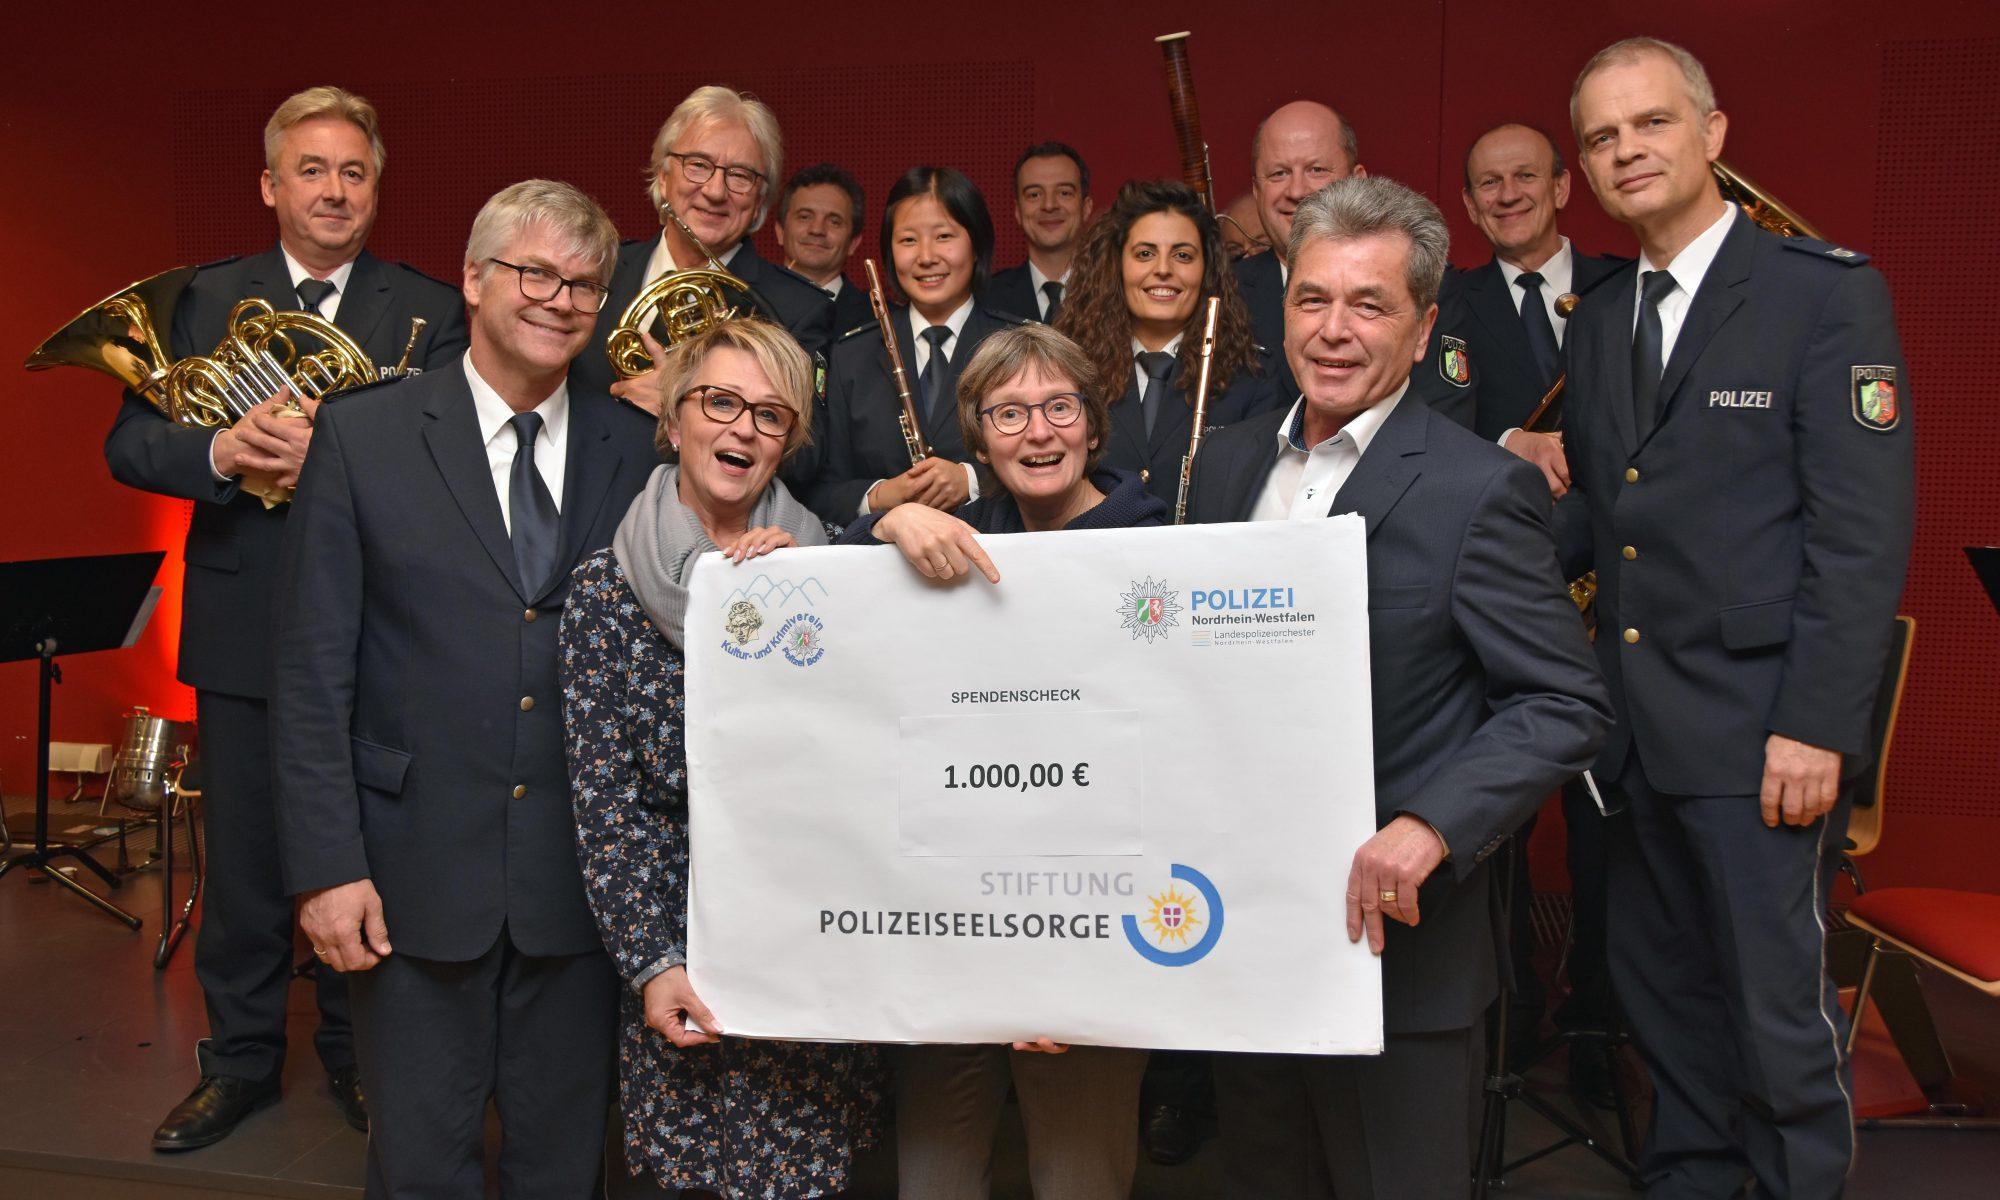 Bonns Leitender Polizeidirektor Helmut Pfau (re) und Christa Wennmann vom Kulturverein übergeben einen Spendenscheck an Polizeipfarrerin Claudia Heinemann